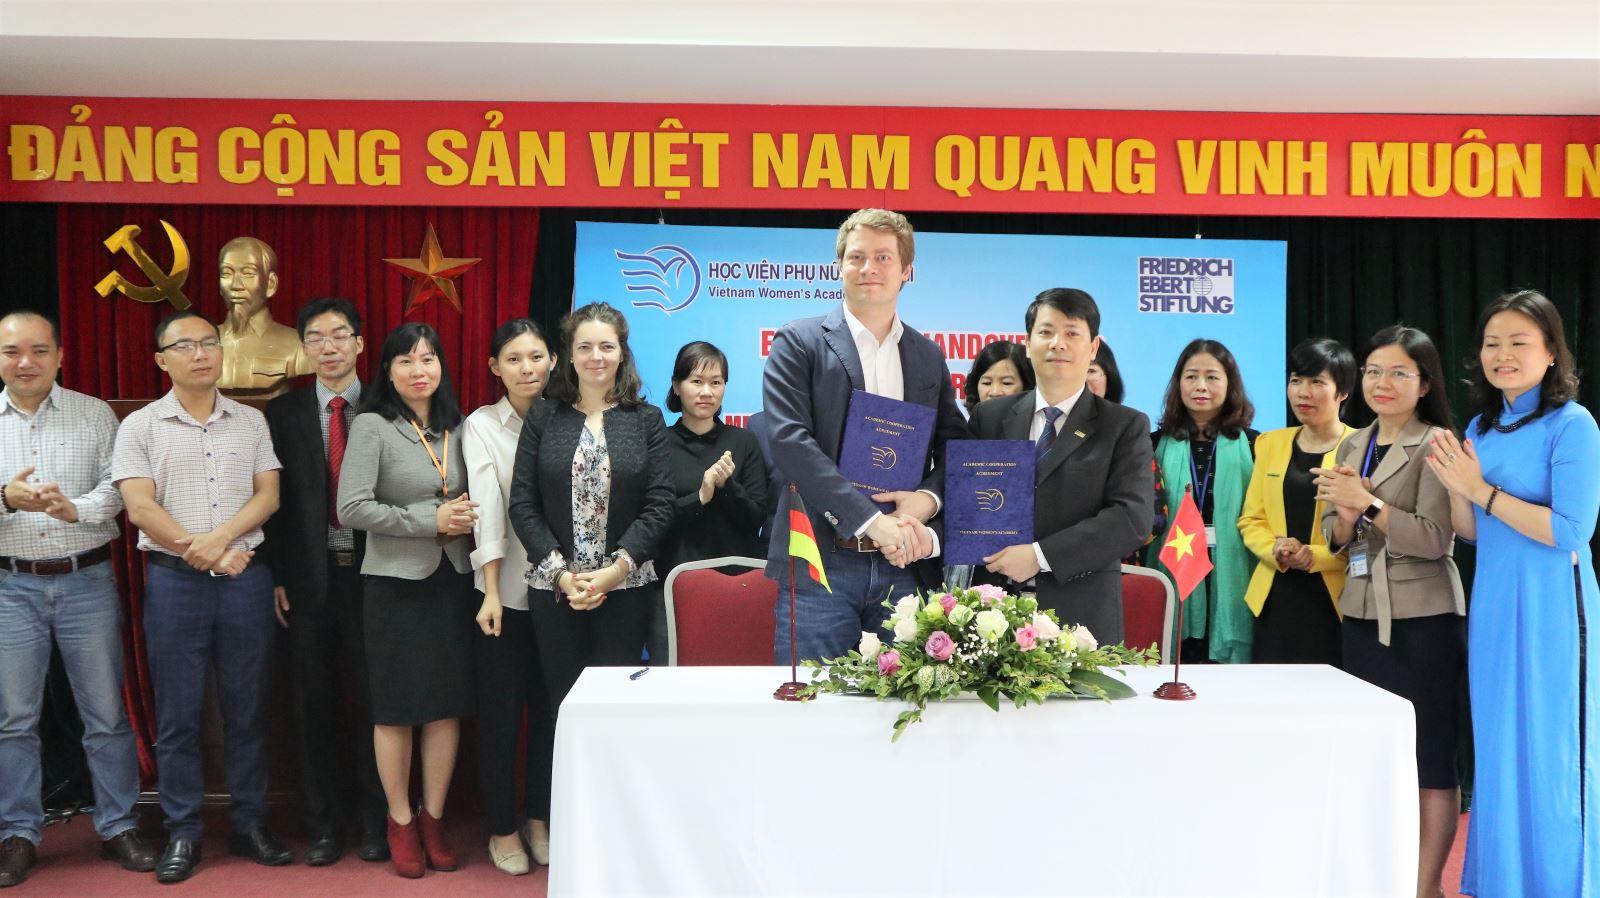 Học viện Phụ nữ Việt Nam ký kết thỏa thuận hợp tác với Viện Friedrich-Ebert-Stiftung (FES), Cộng hòa Liên bang Đức